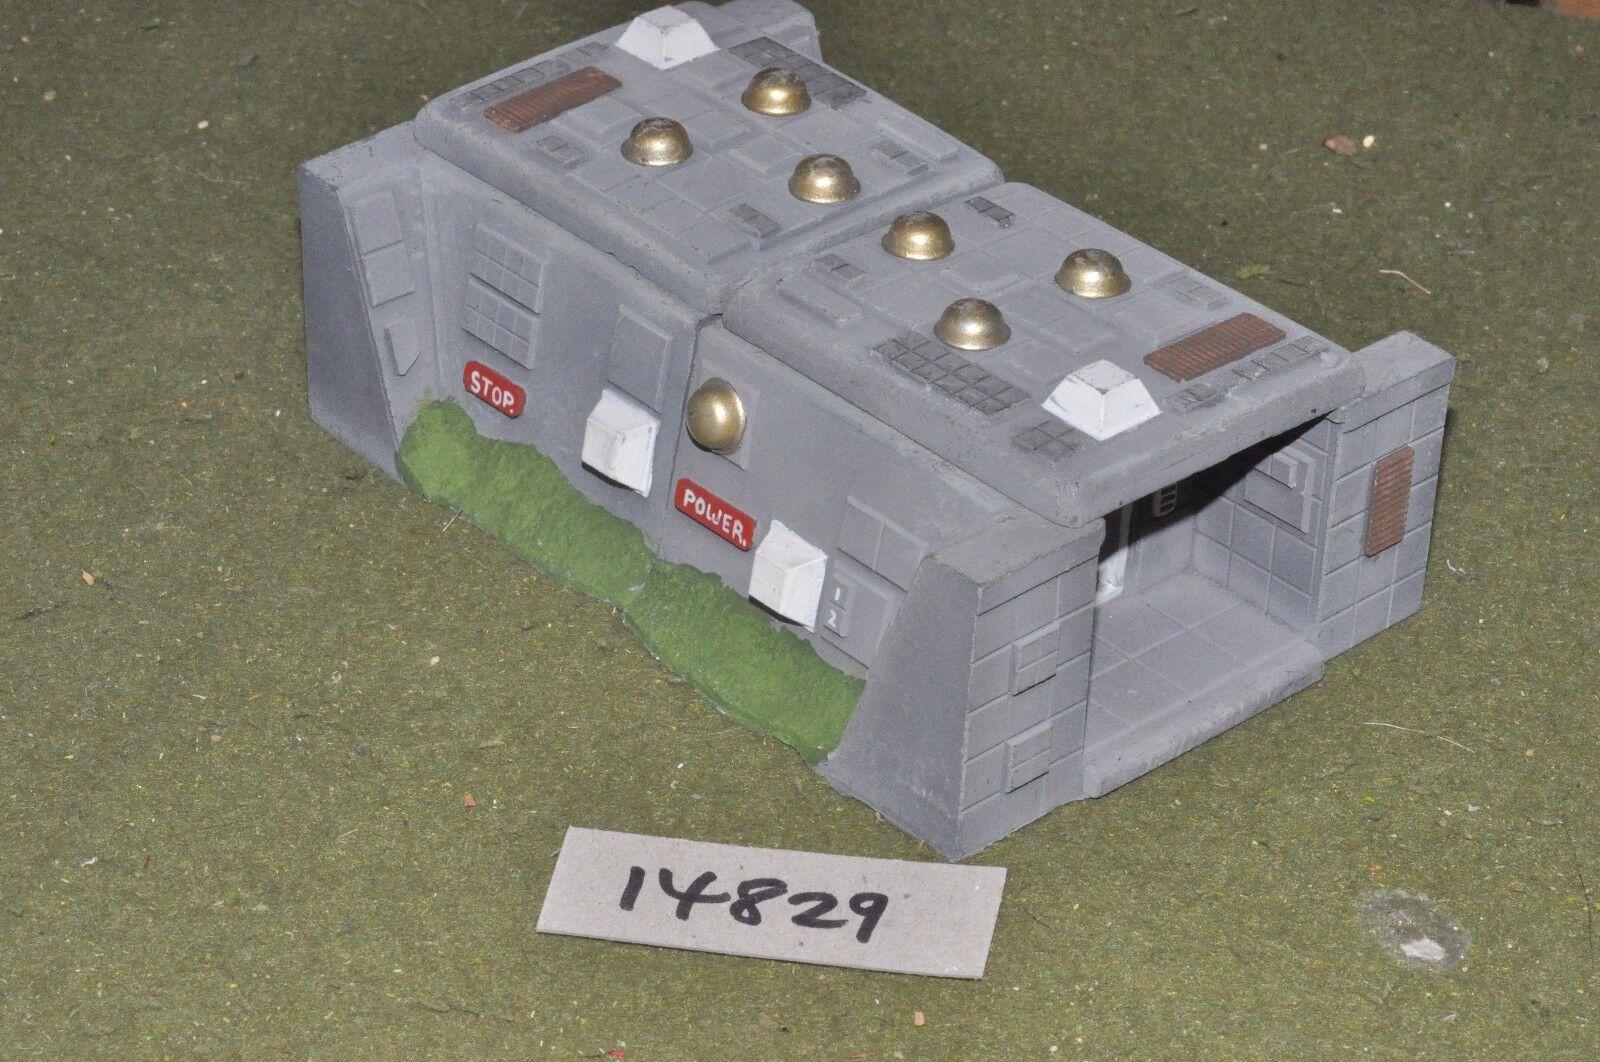 25mm sci-fi bunker scenery terrain (as photo) (14829)